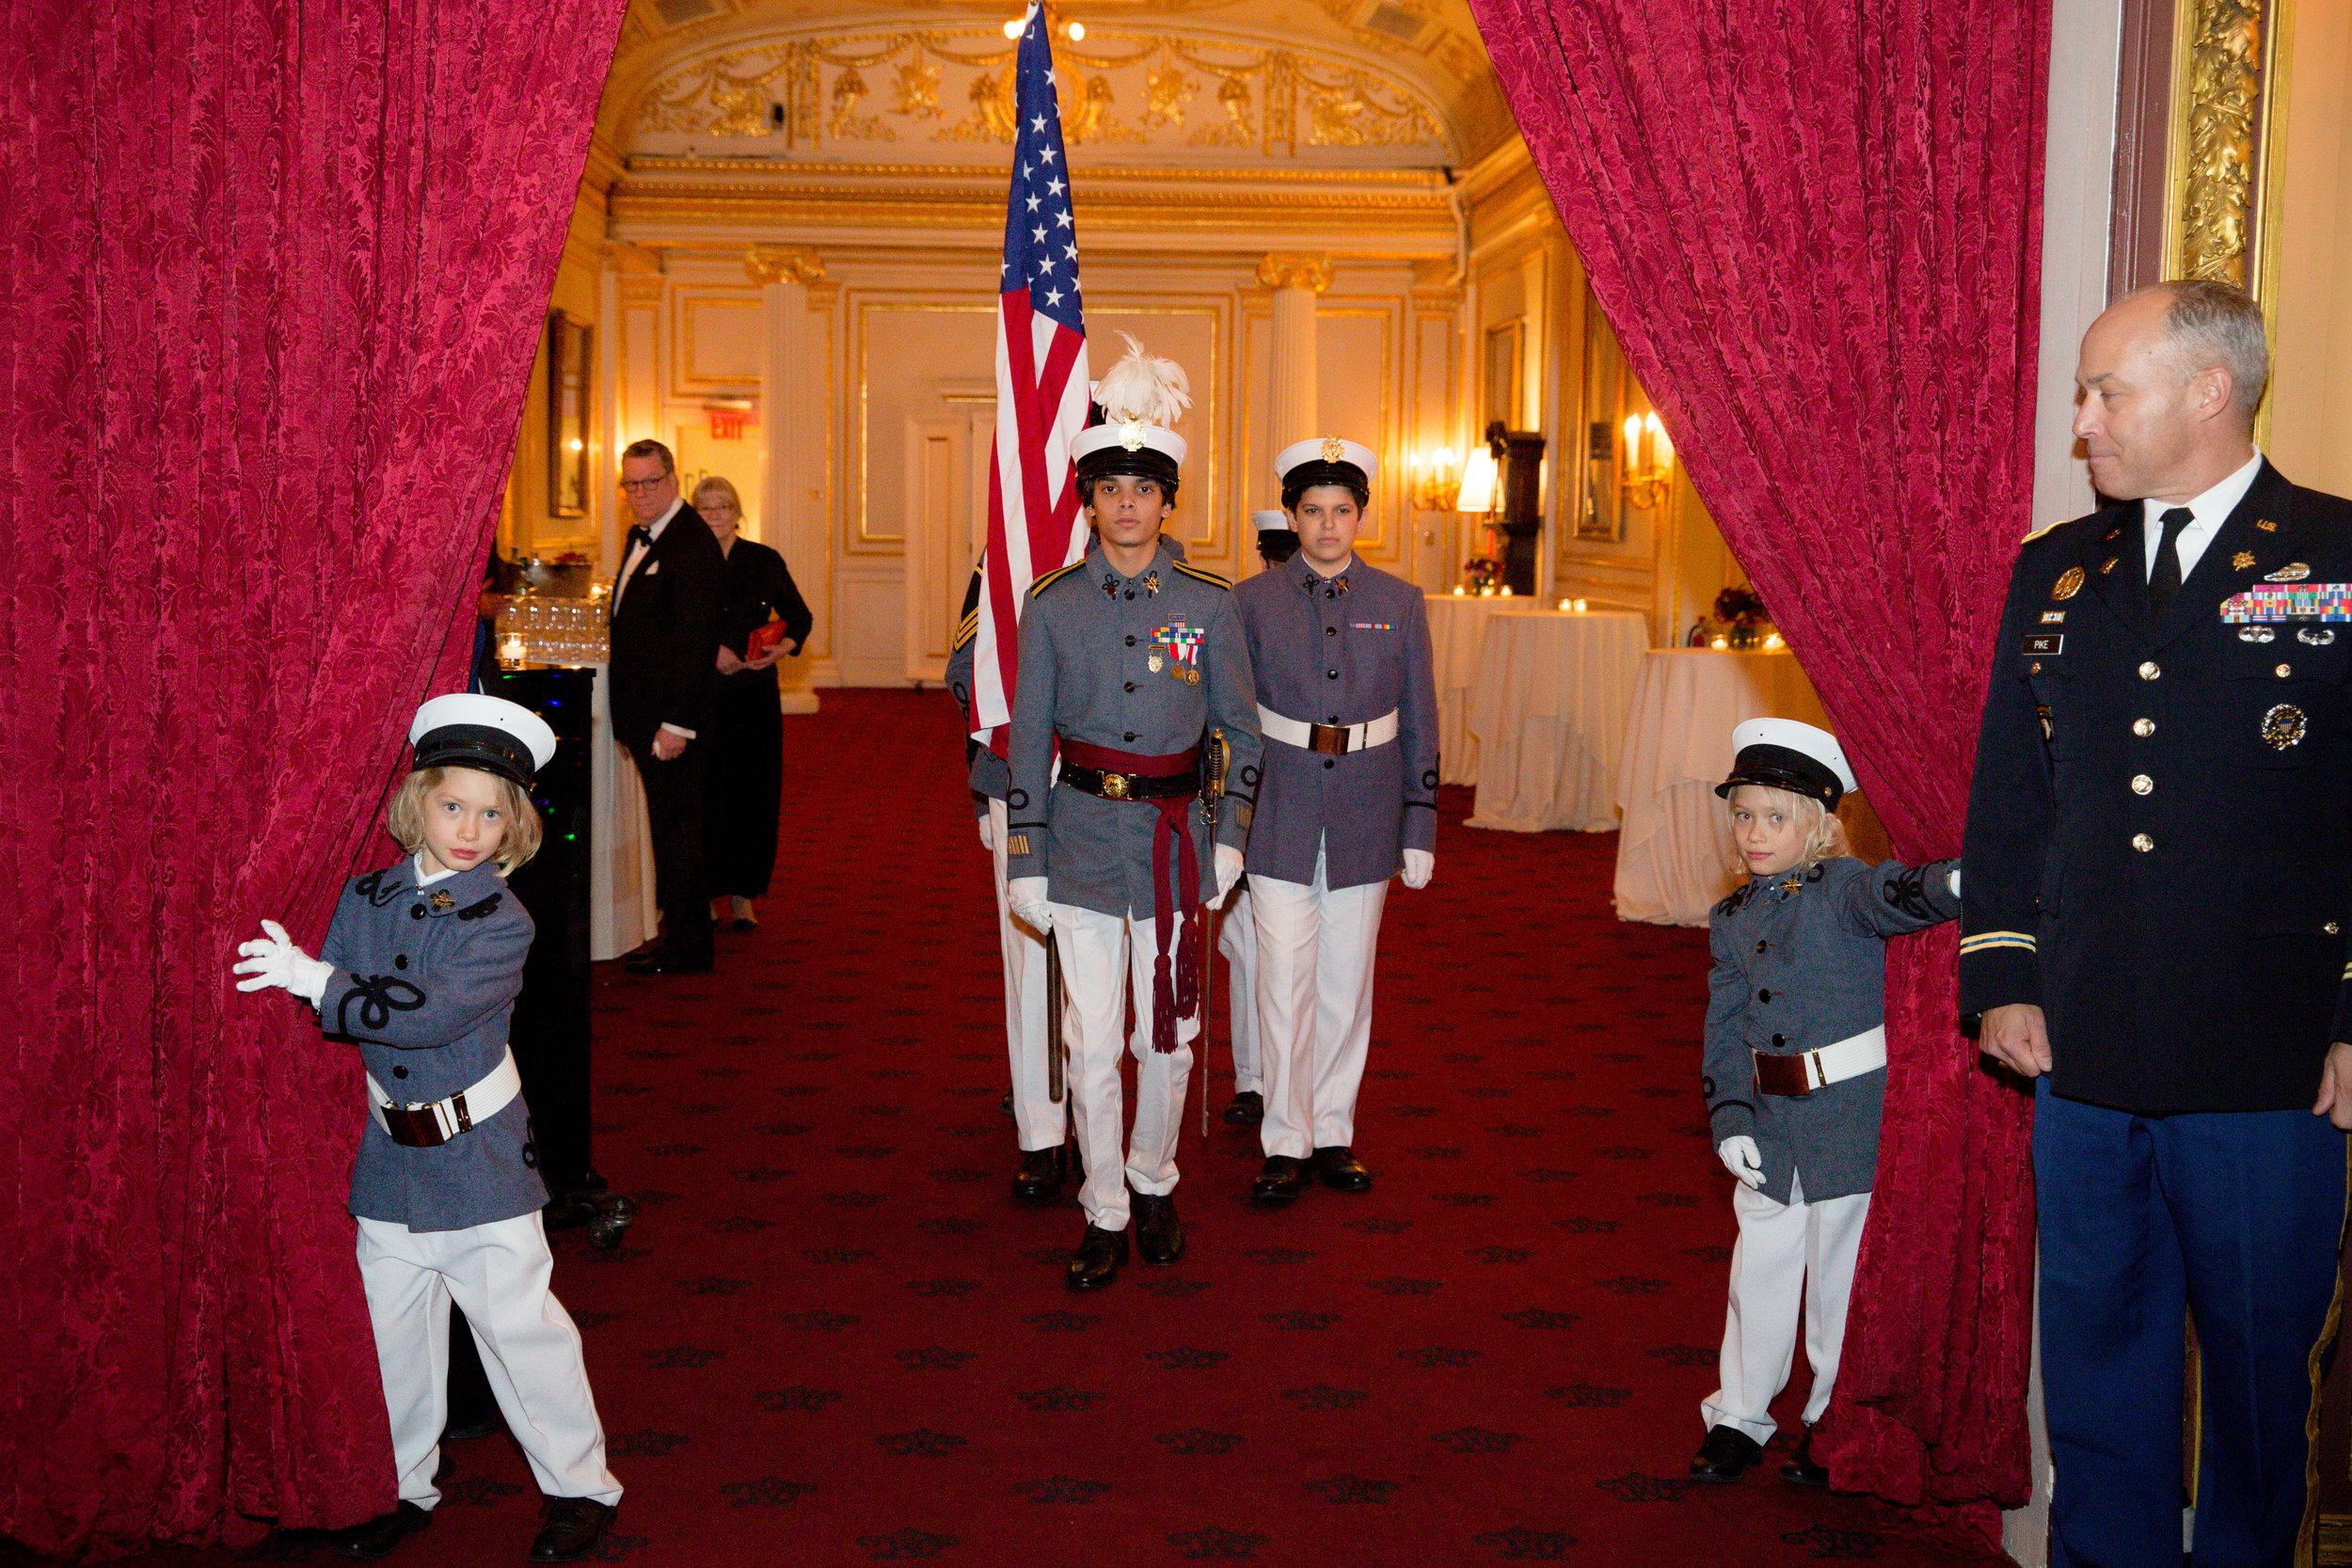 The Knickerbocker Greys Color Guard